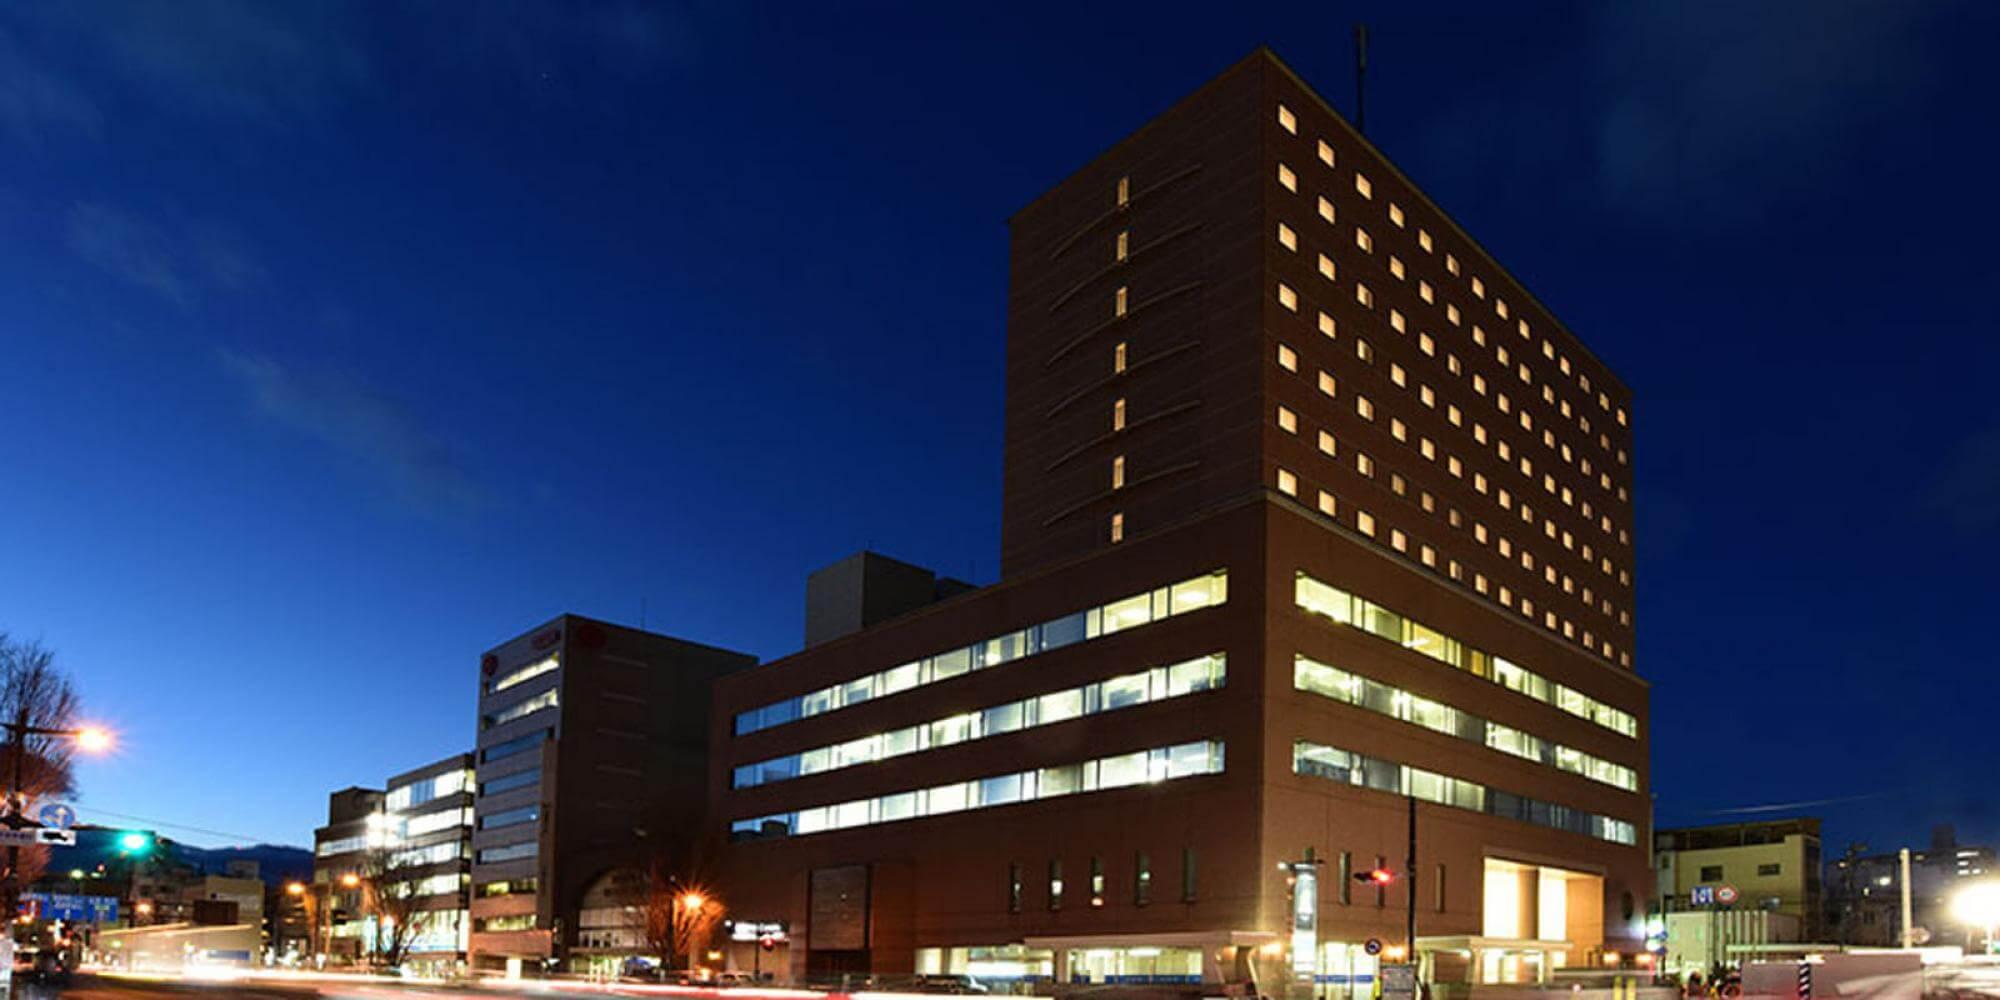 福島でパパ活におすすめなホテル「HOTEL SANKYO FUKUSHIMA」